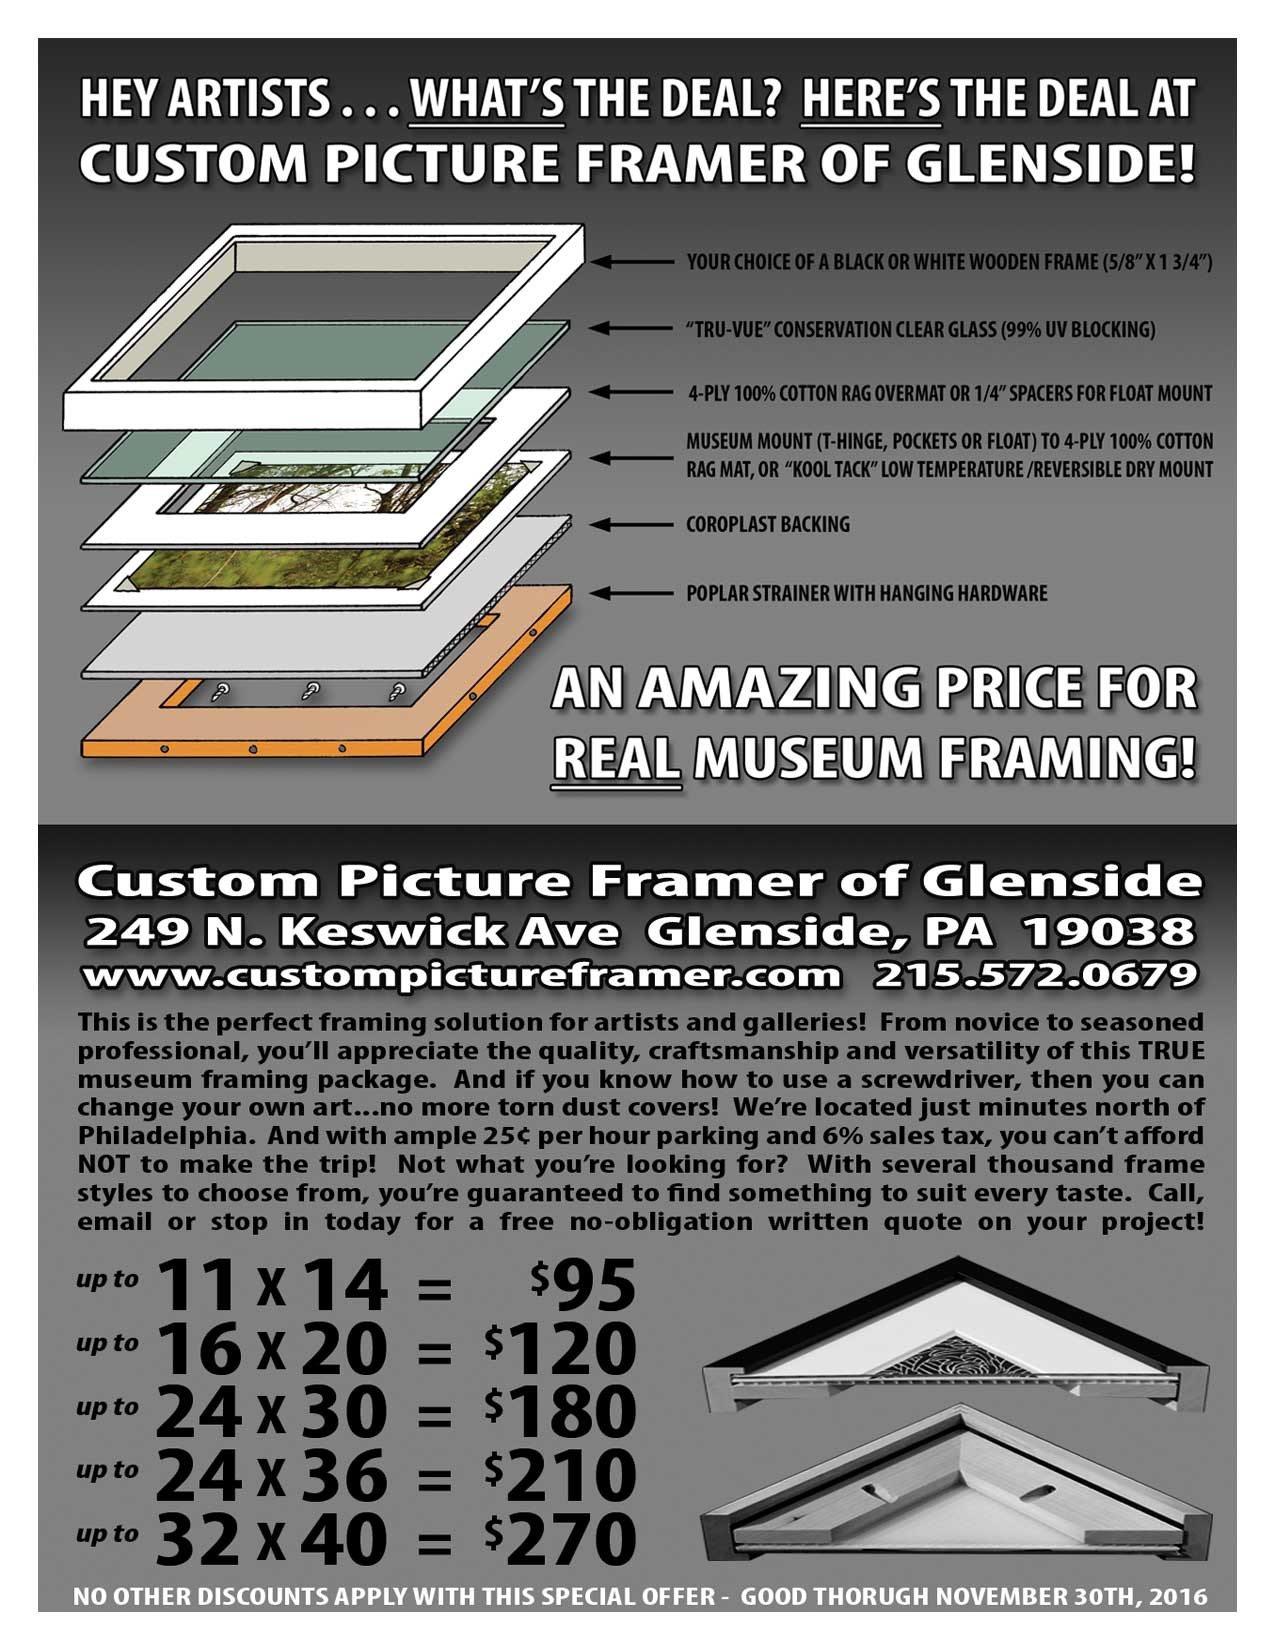 Special promotion for custom strainer reinforced frame